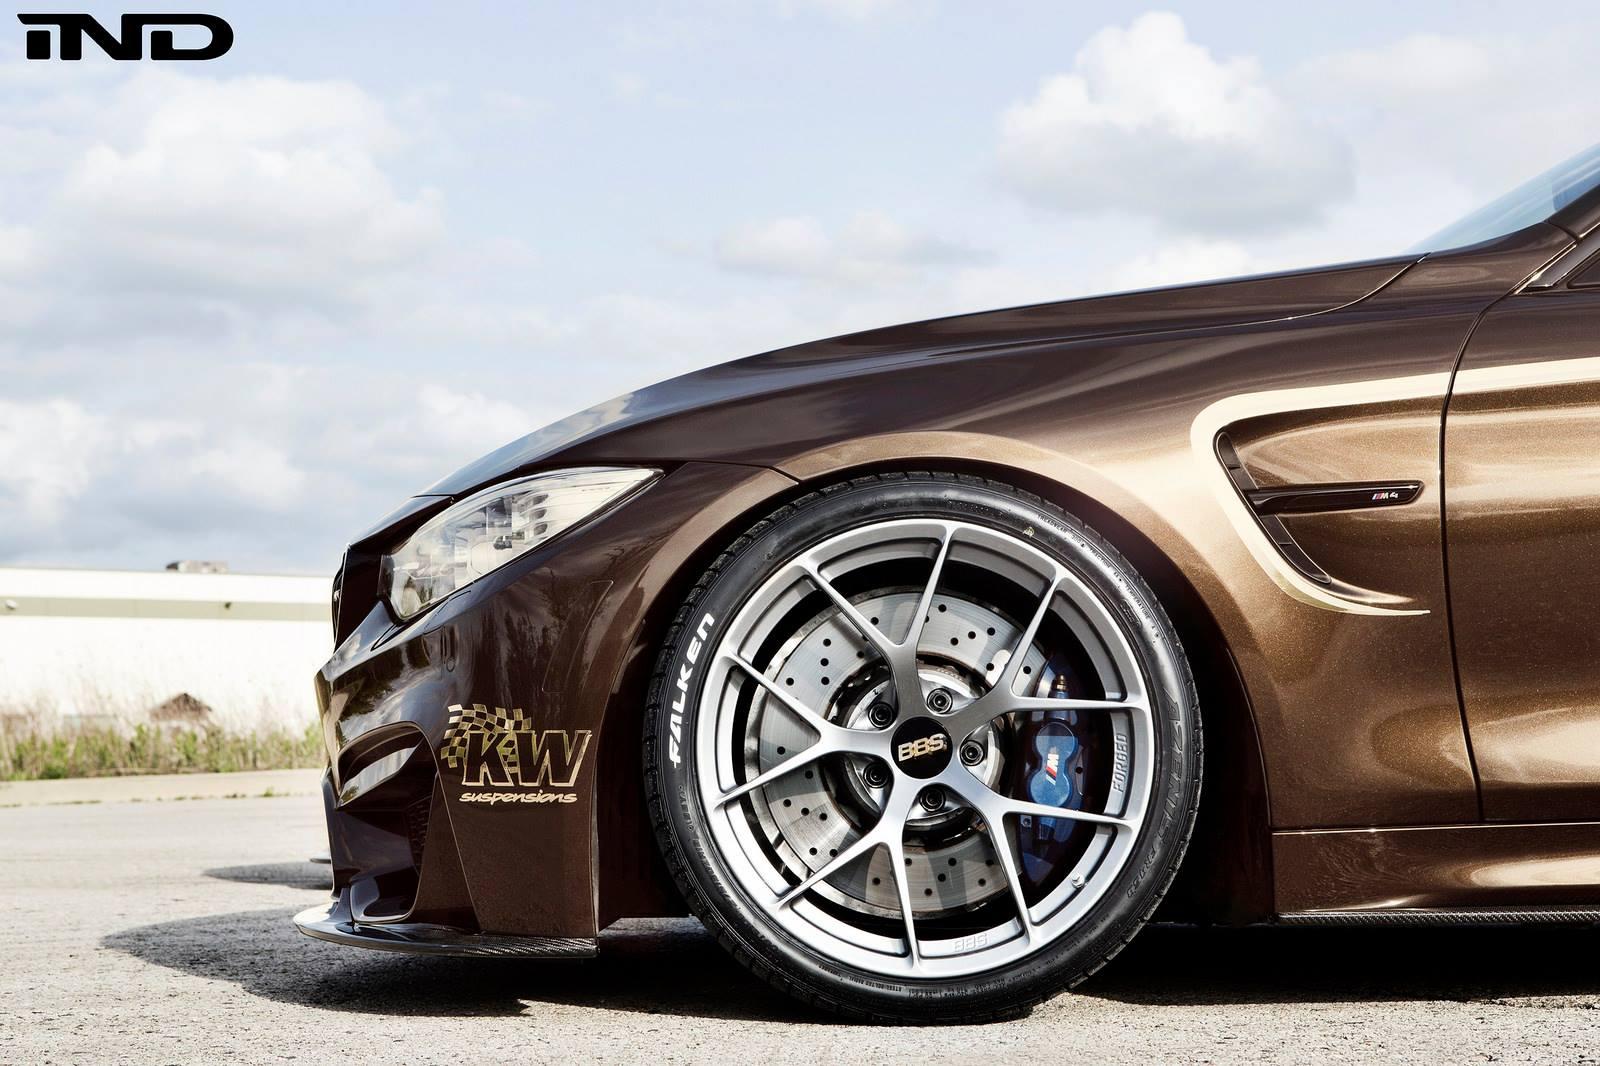 Великолепный BMW M4 от тюнинг-ателье IND